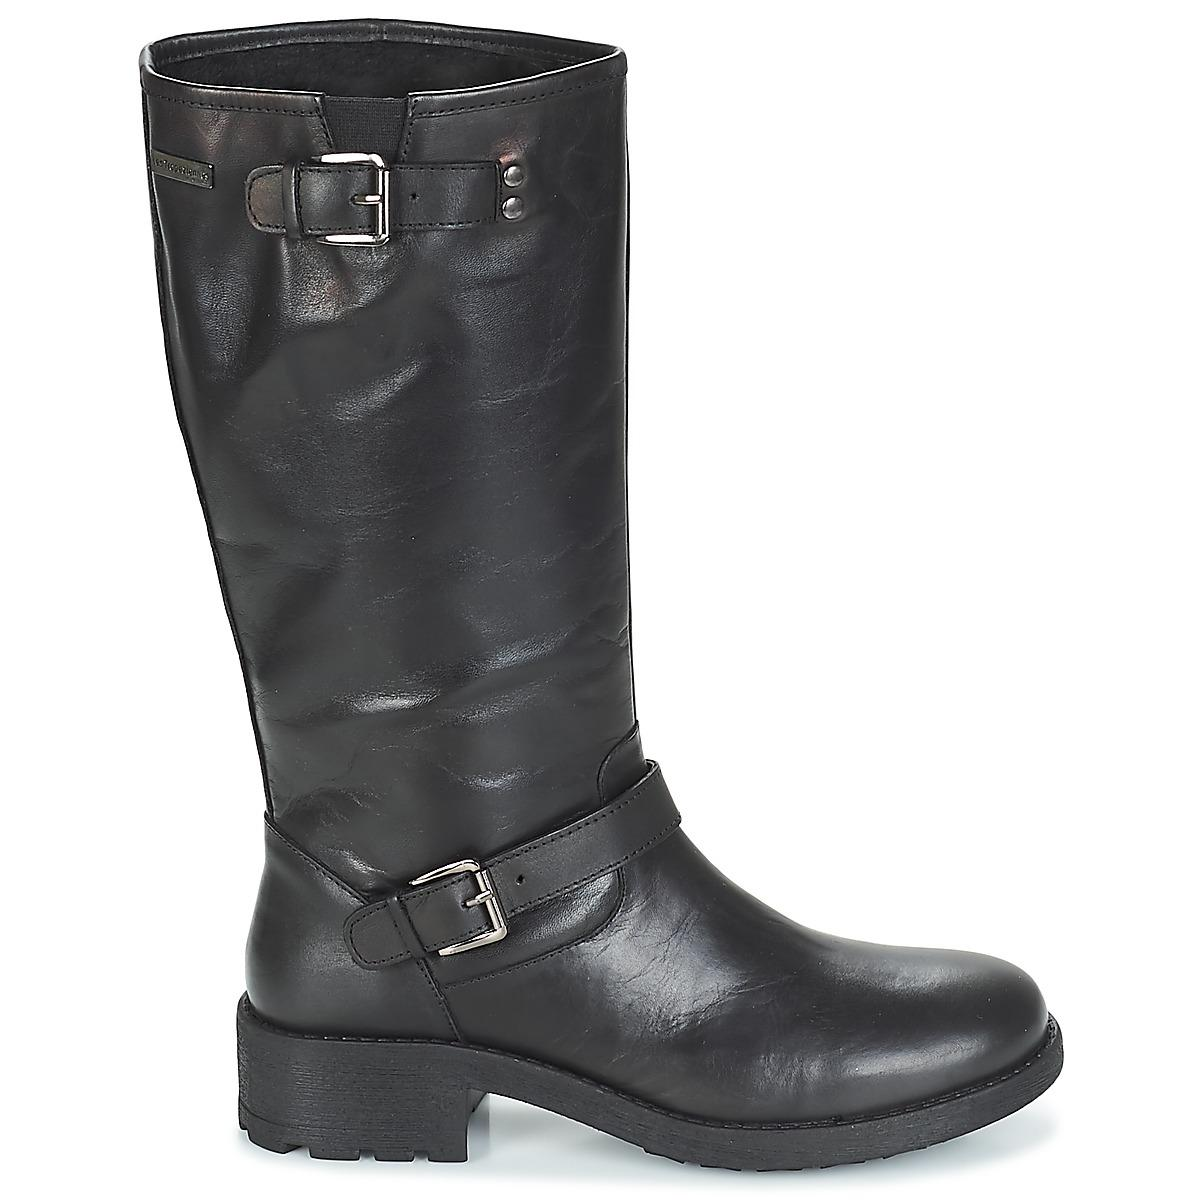 Les Tropéziennes Par M Belarbi Laura High Boots in Black